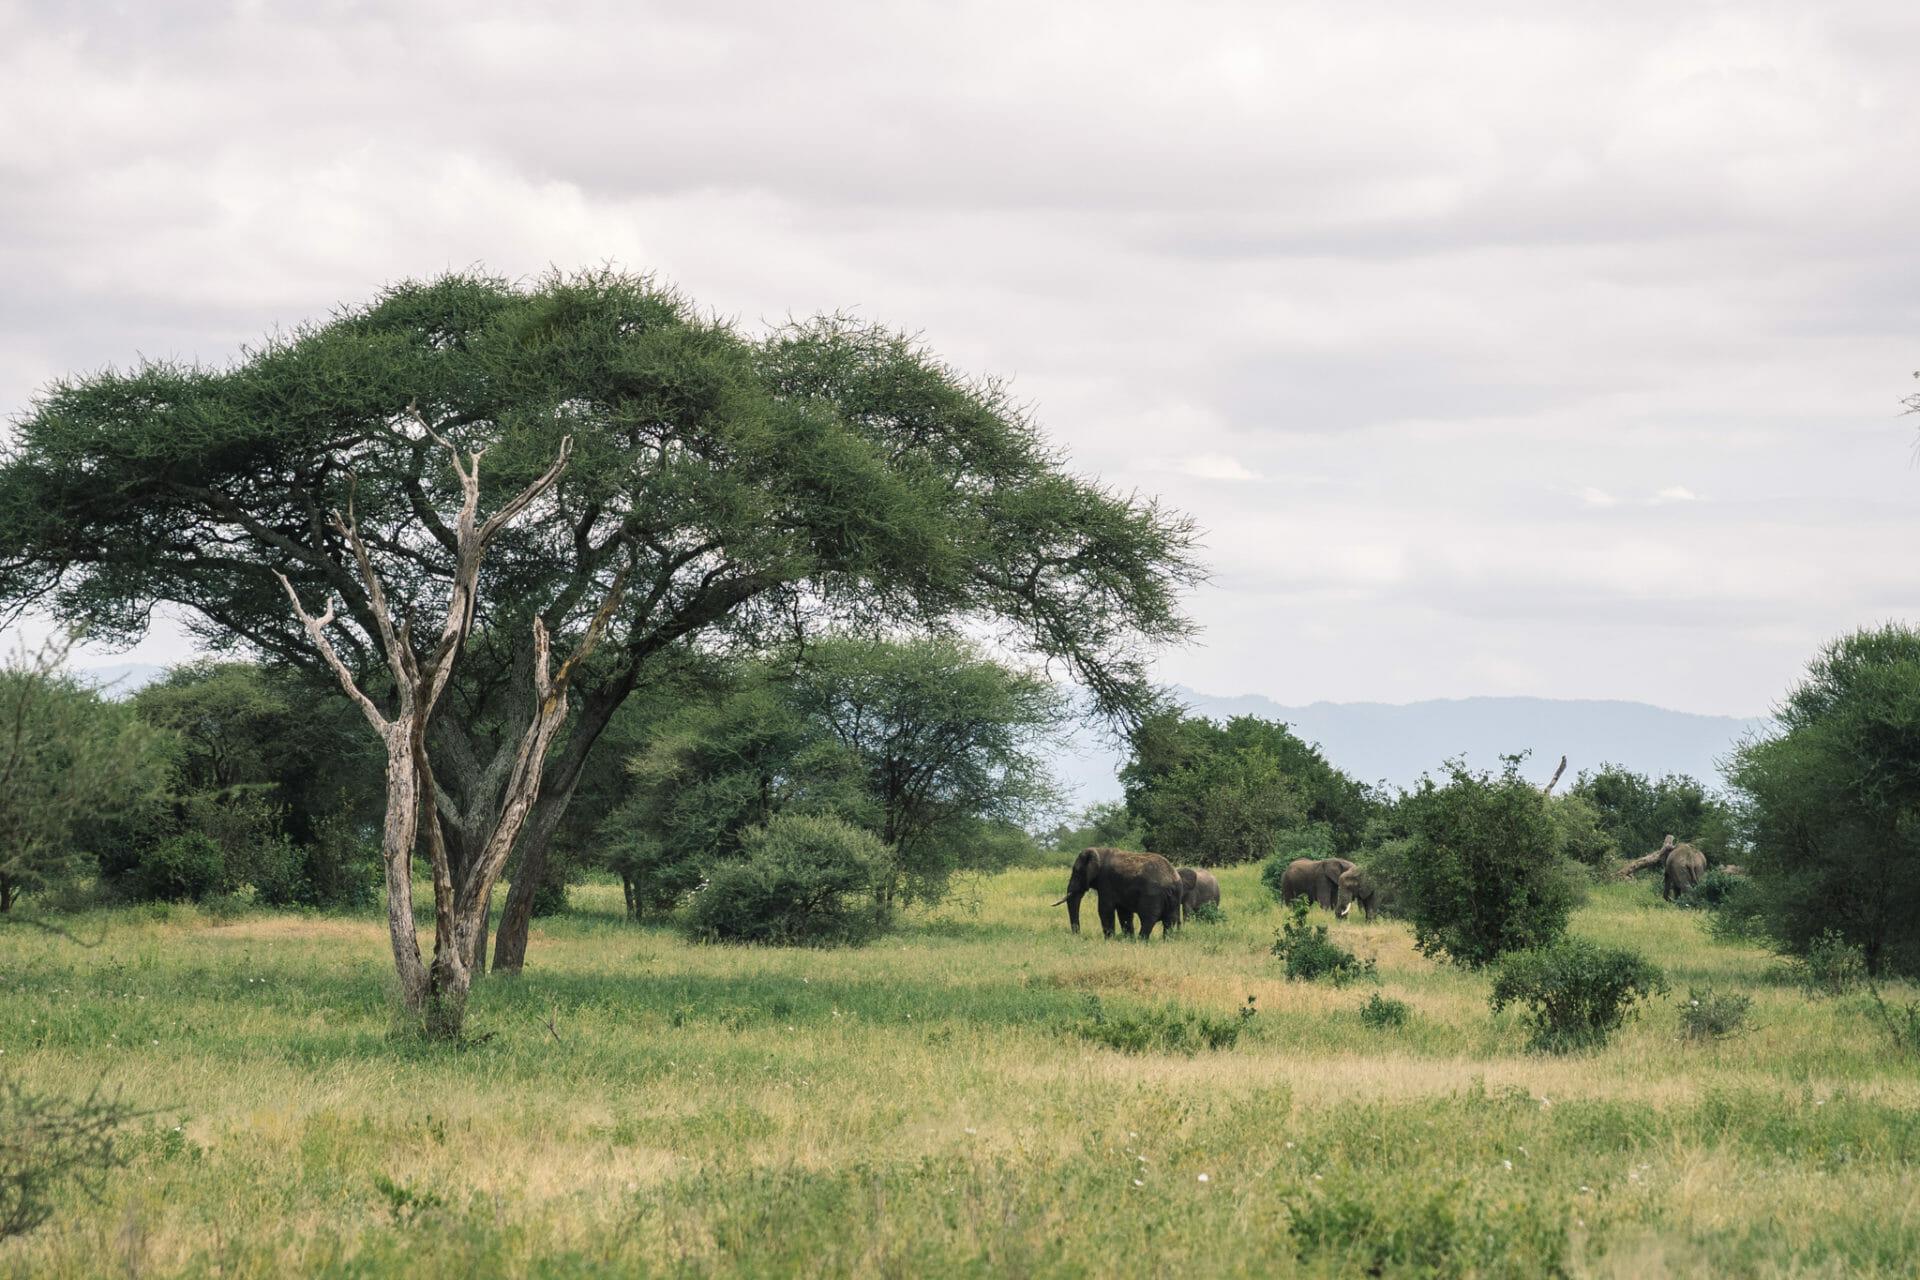 tanzanie-parc-tarangire-elephants